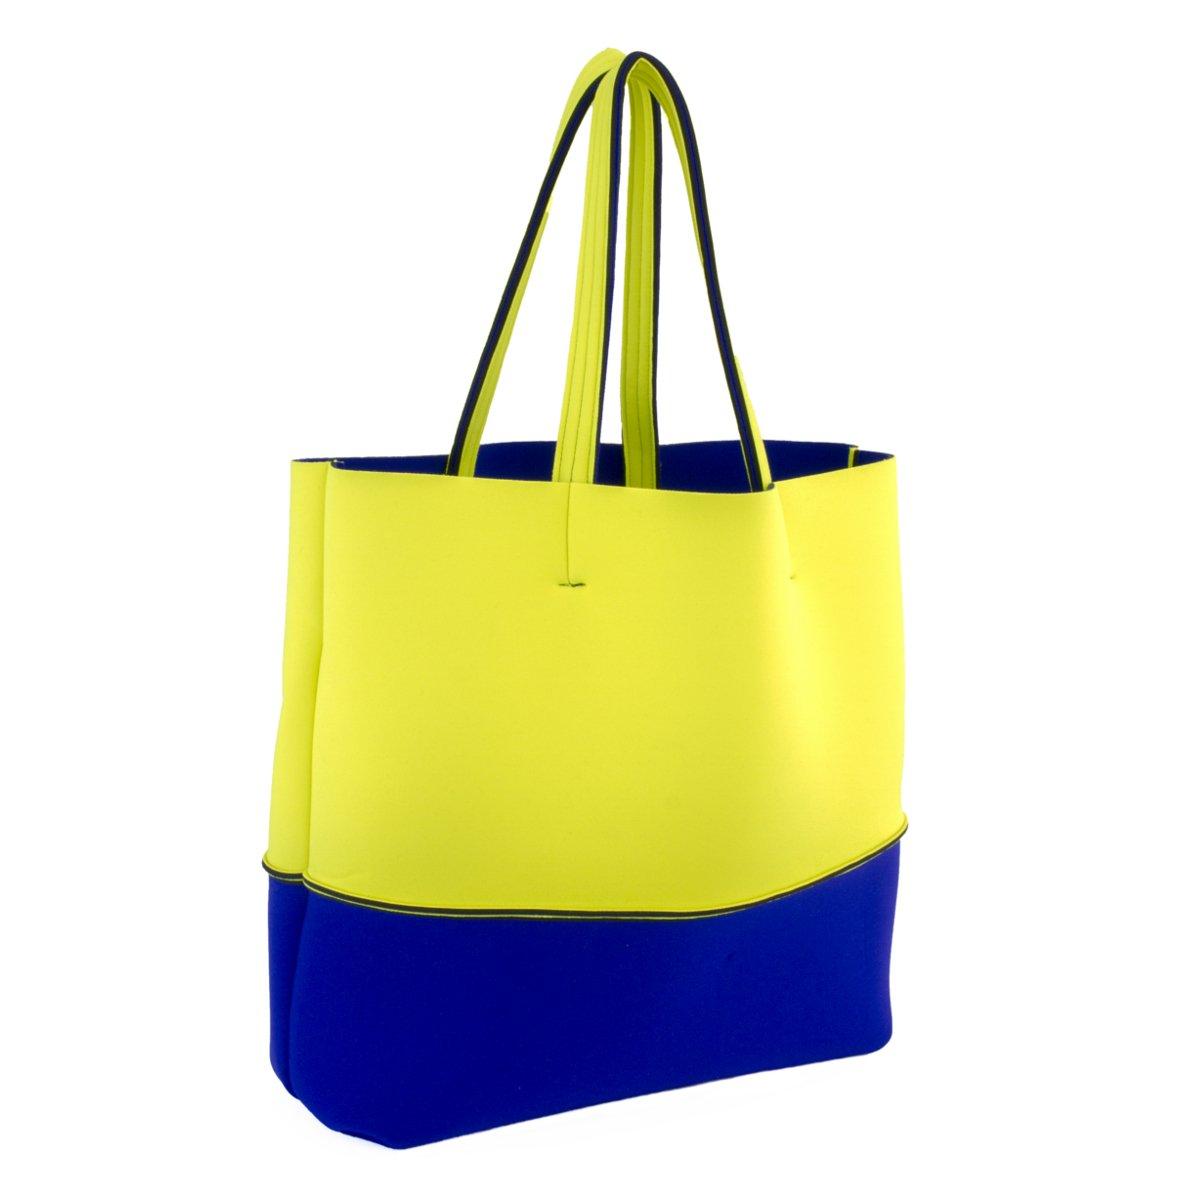 Leghila , Borsa da spiaggia multicolore YellowBlue: Amazon